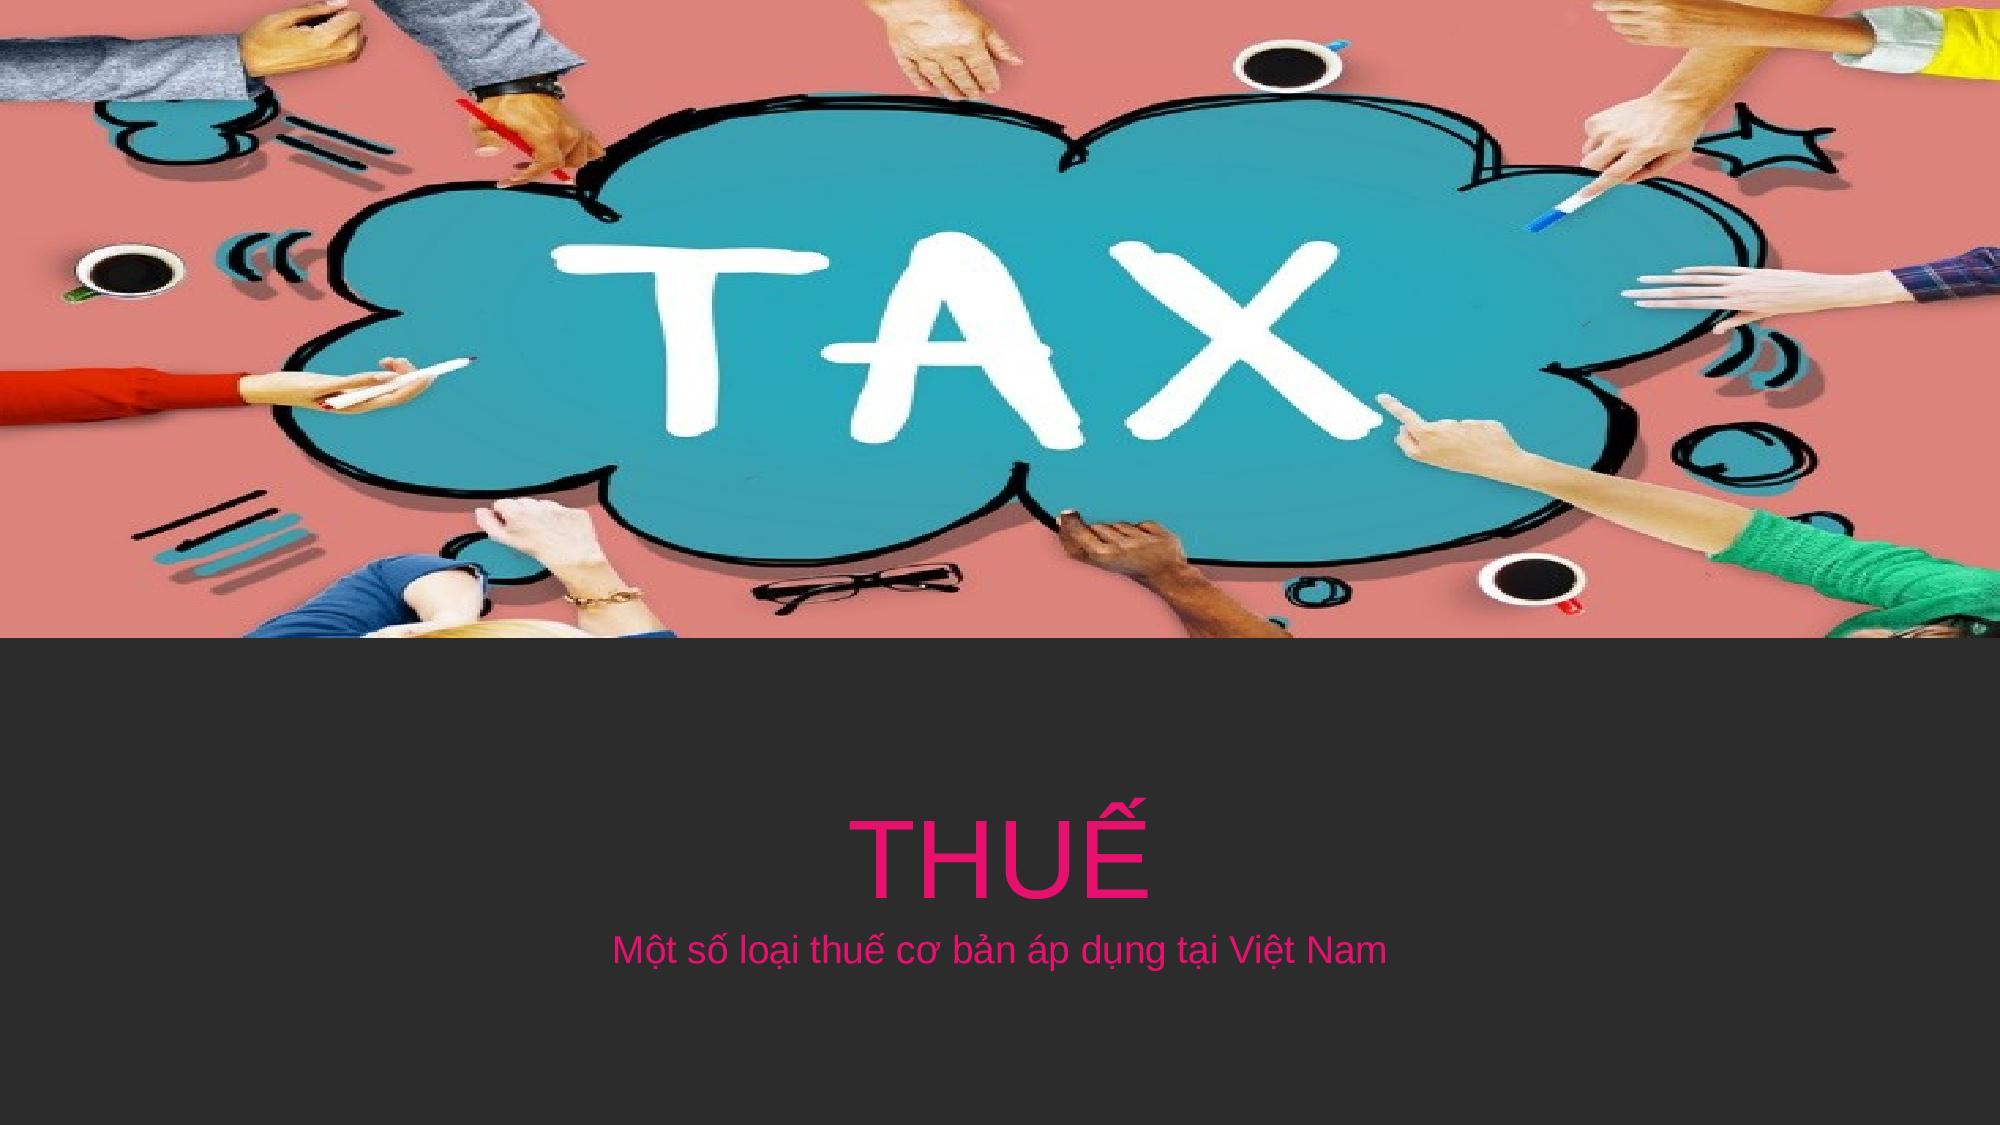 Các loại thuế mà nhà đầu tư nước ngoài quan tâm khi đầu tư vào Việt Nam.